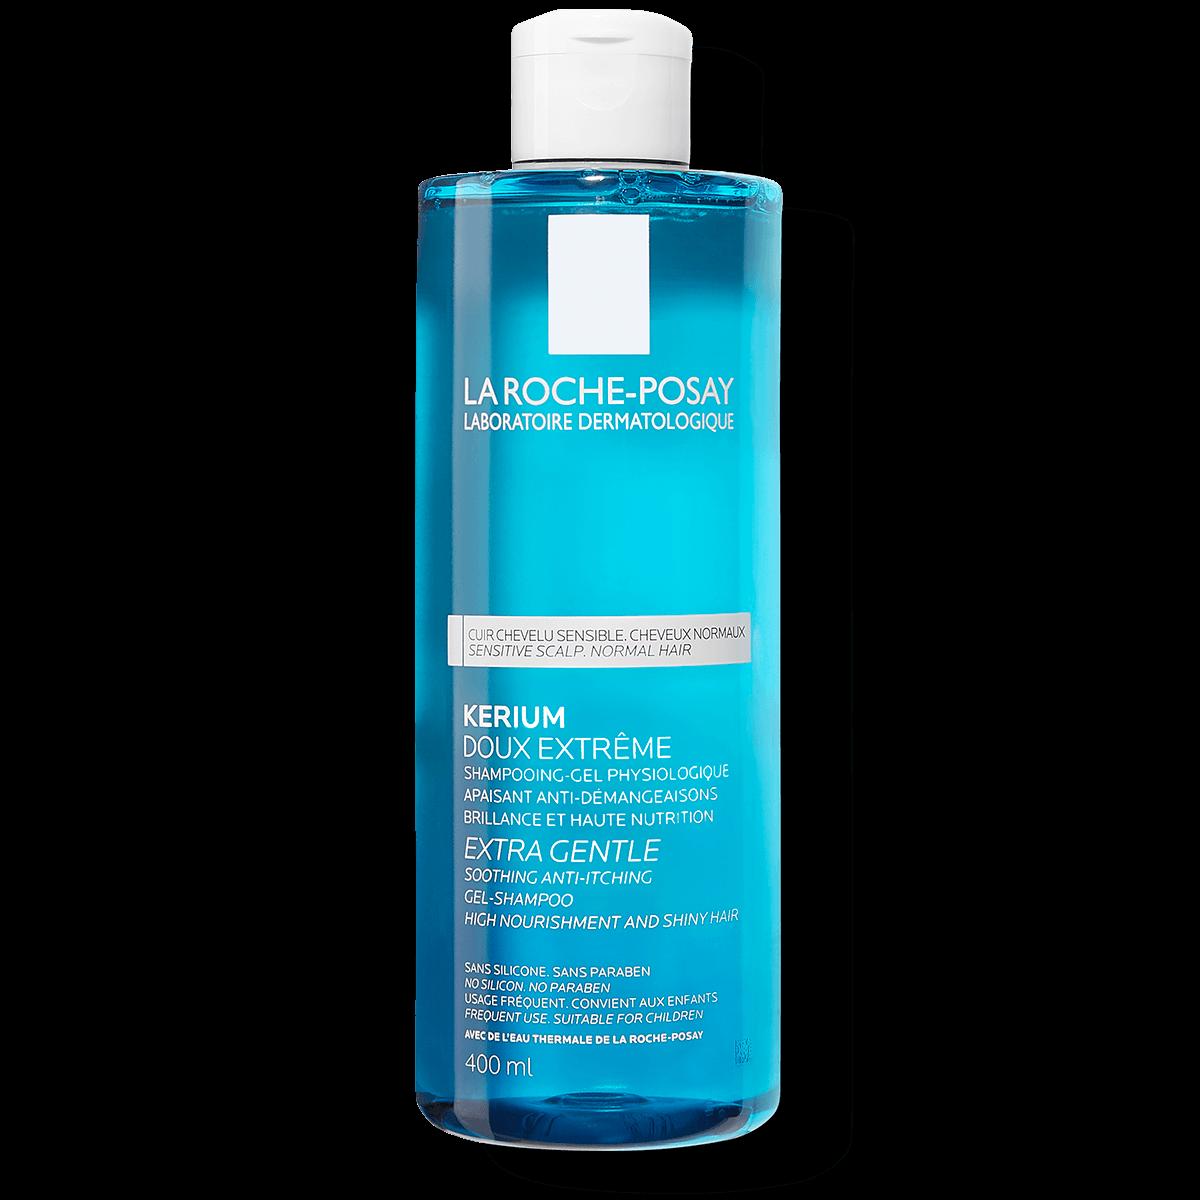 La Roche Posay ProduktSide Kerium Extra Gentle Gel Shampoo 400ml 33378